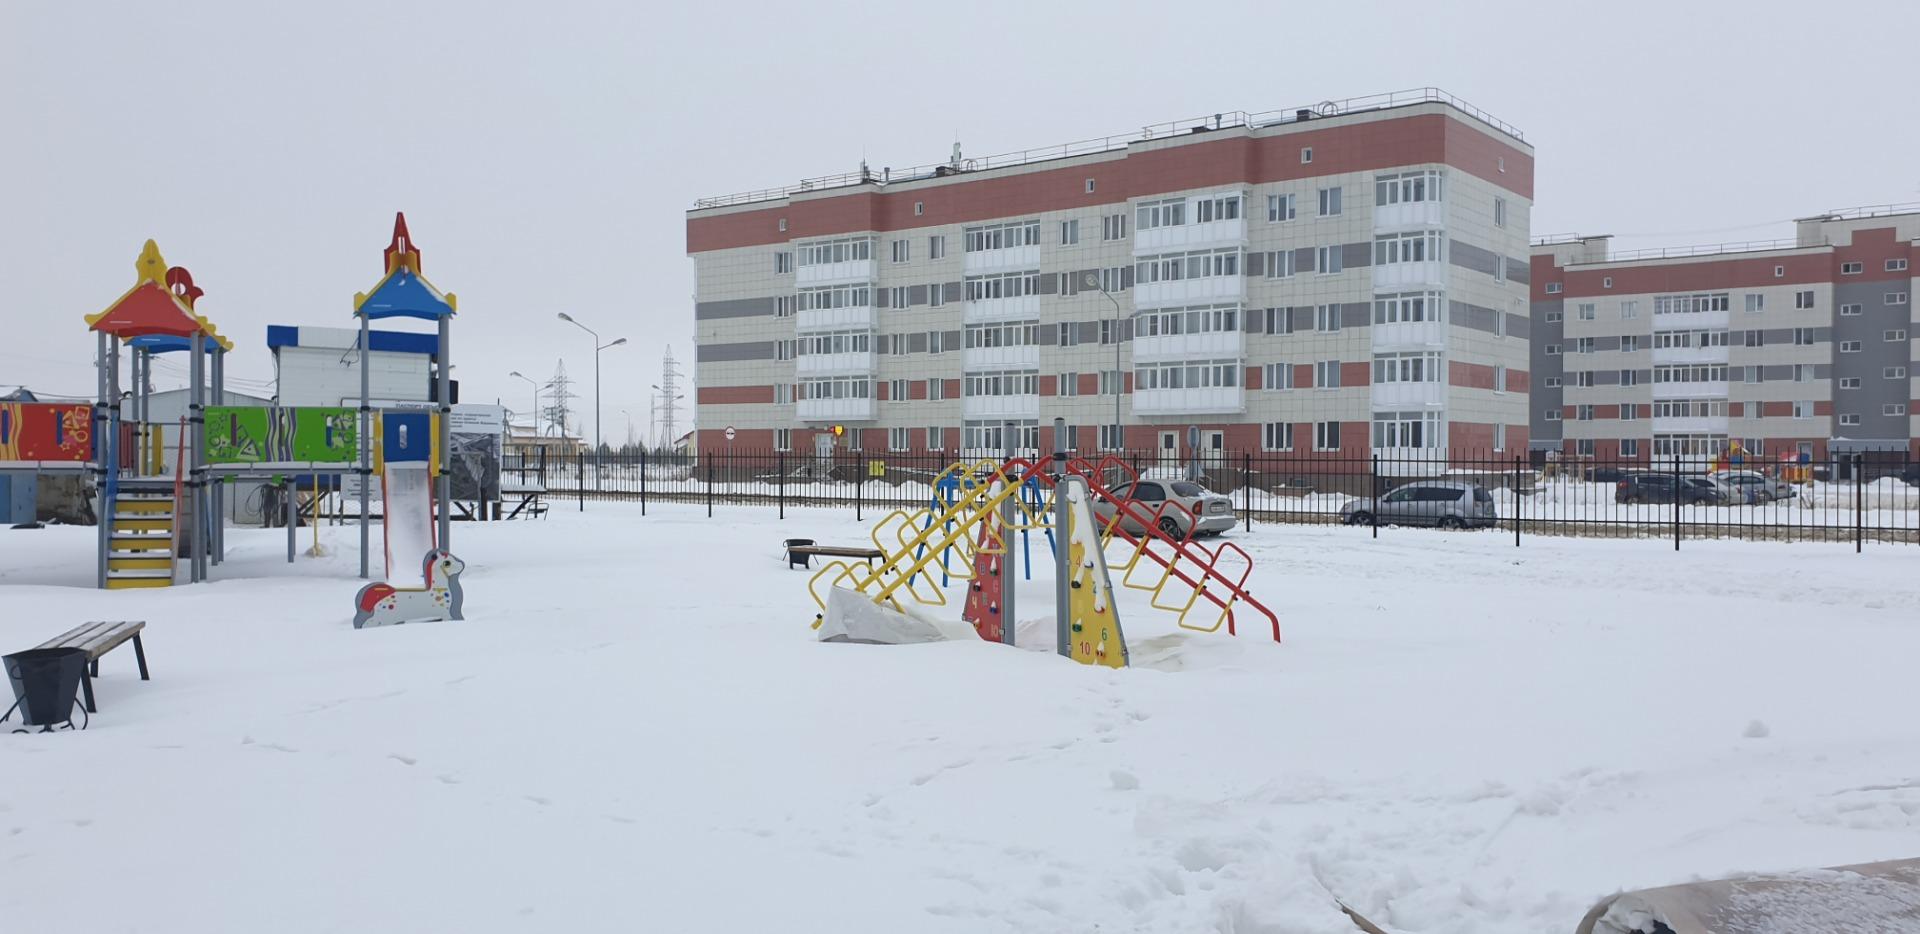 http://mielsever.3an.ru/files/1573061941_20191106_144647.jpg